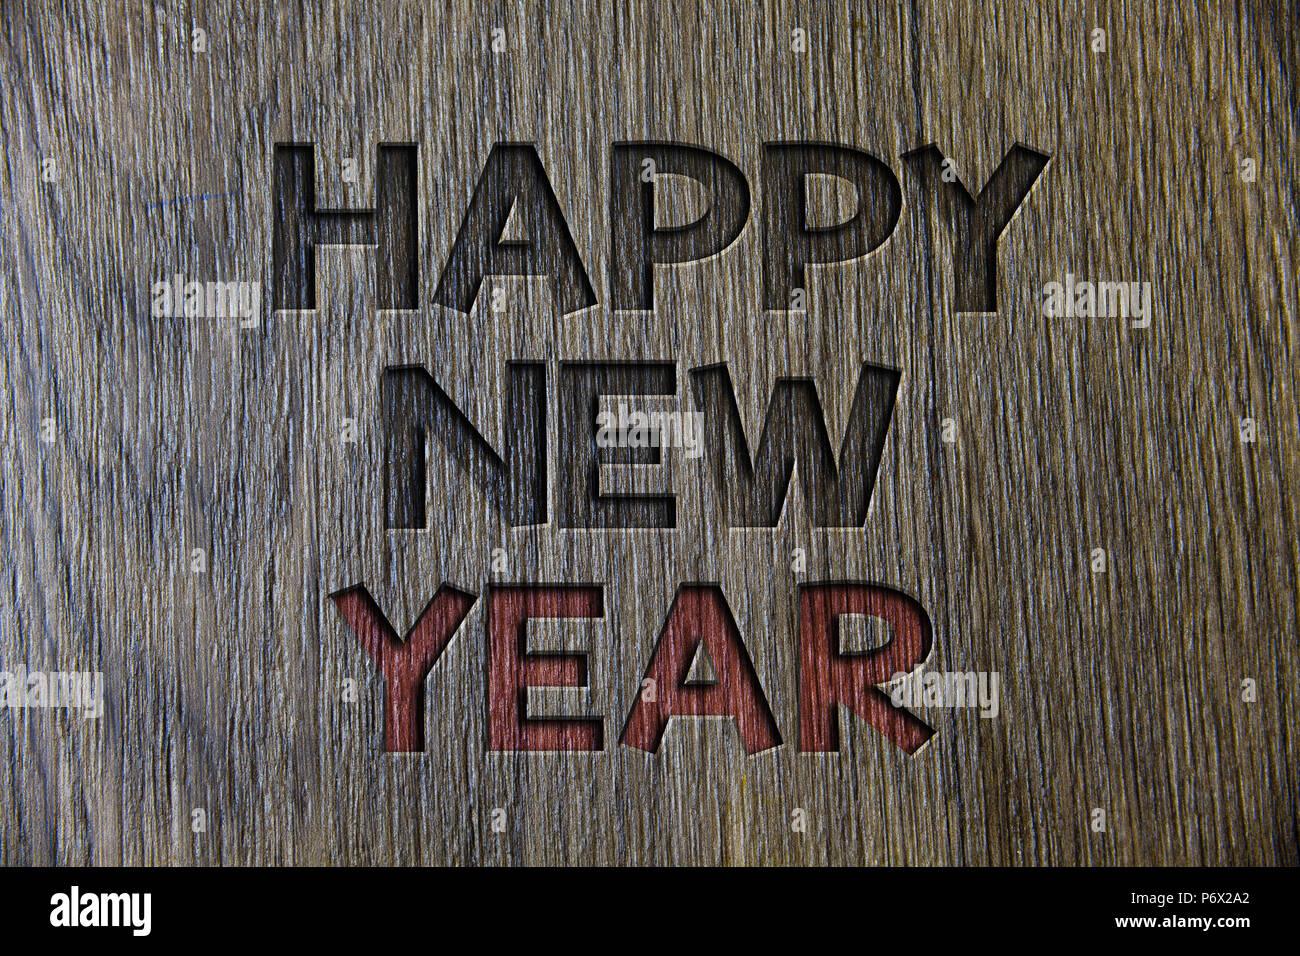 Schreiben Hinweis zeigt ein Frohes Neues Jahr. Business foto ...